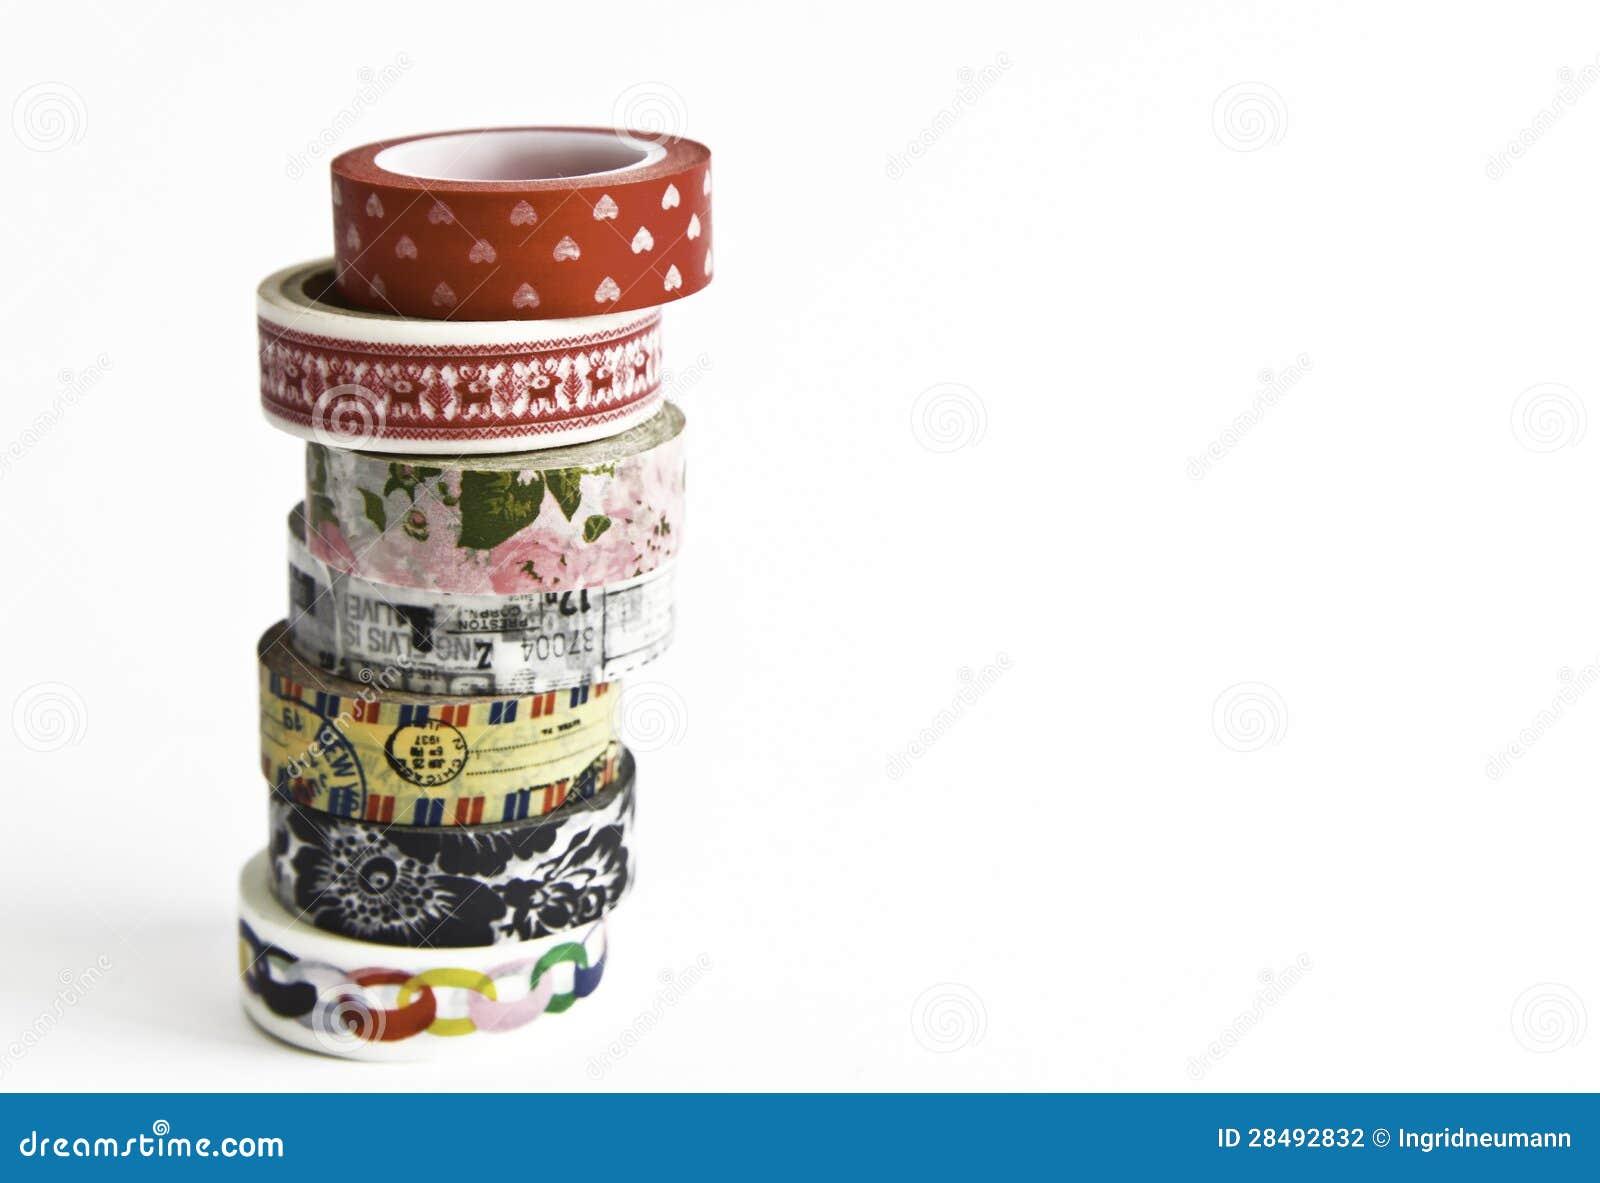 Decoration masking tape stock photography image 28492832 for Decoration masking tape